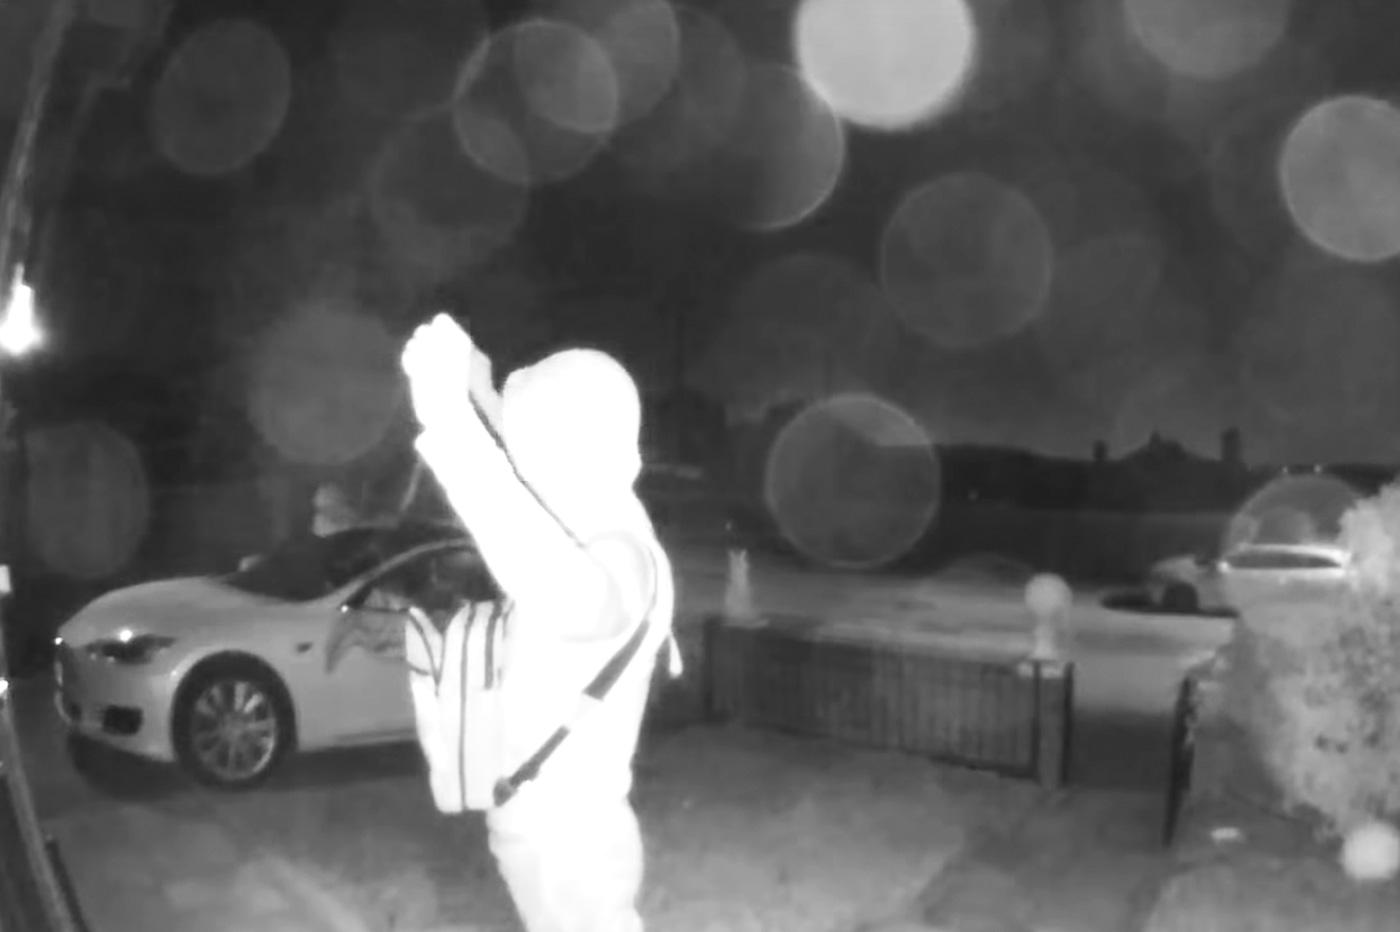 Comment des hackers ont volé une Tesla Model S en moins de 30 secondes